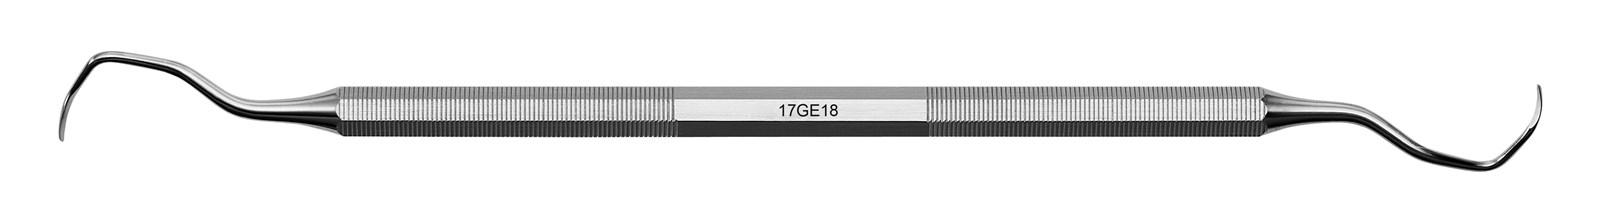 Kyreta Gracey Classic - 17GE18, ADEP silikonový návlek fialový